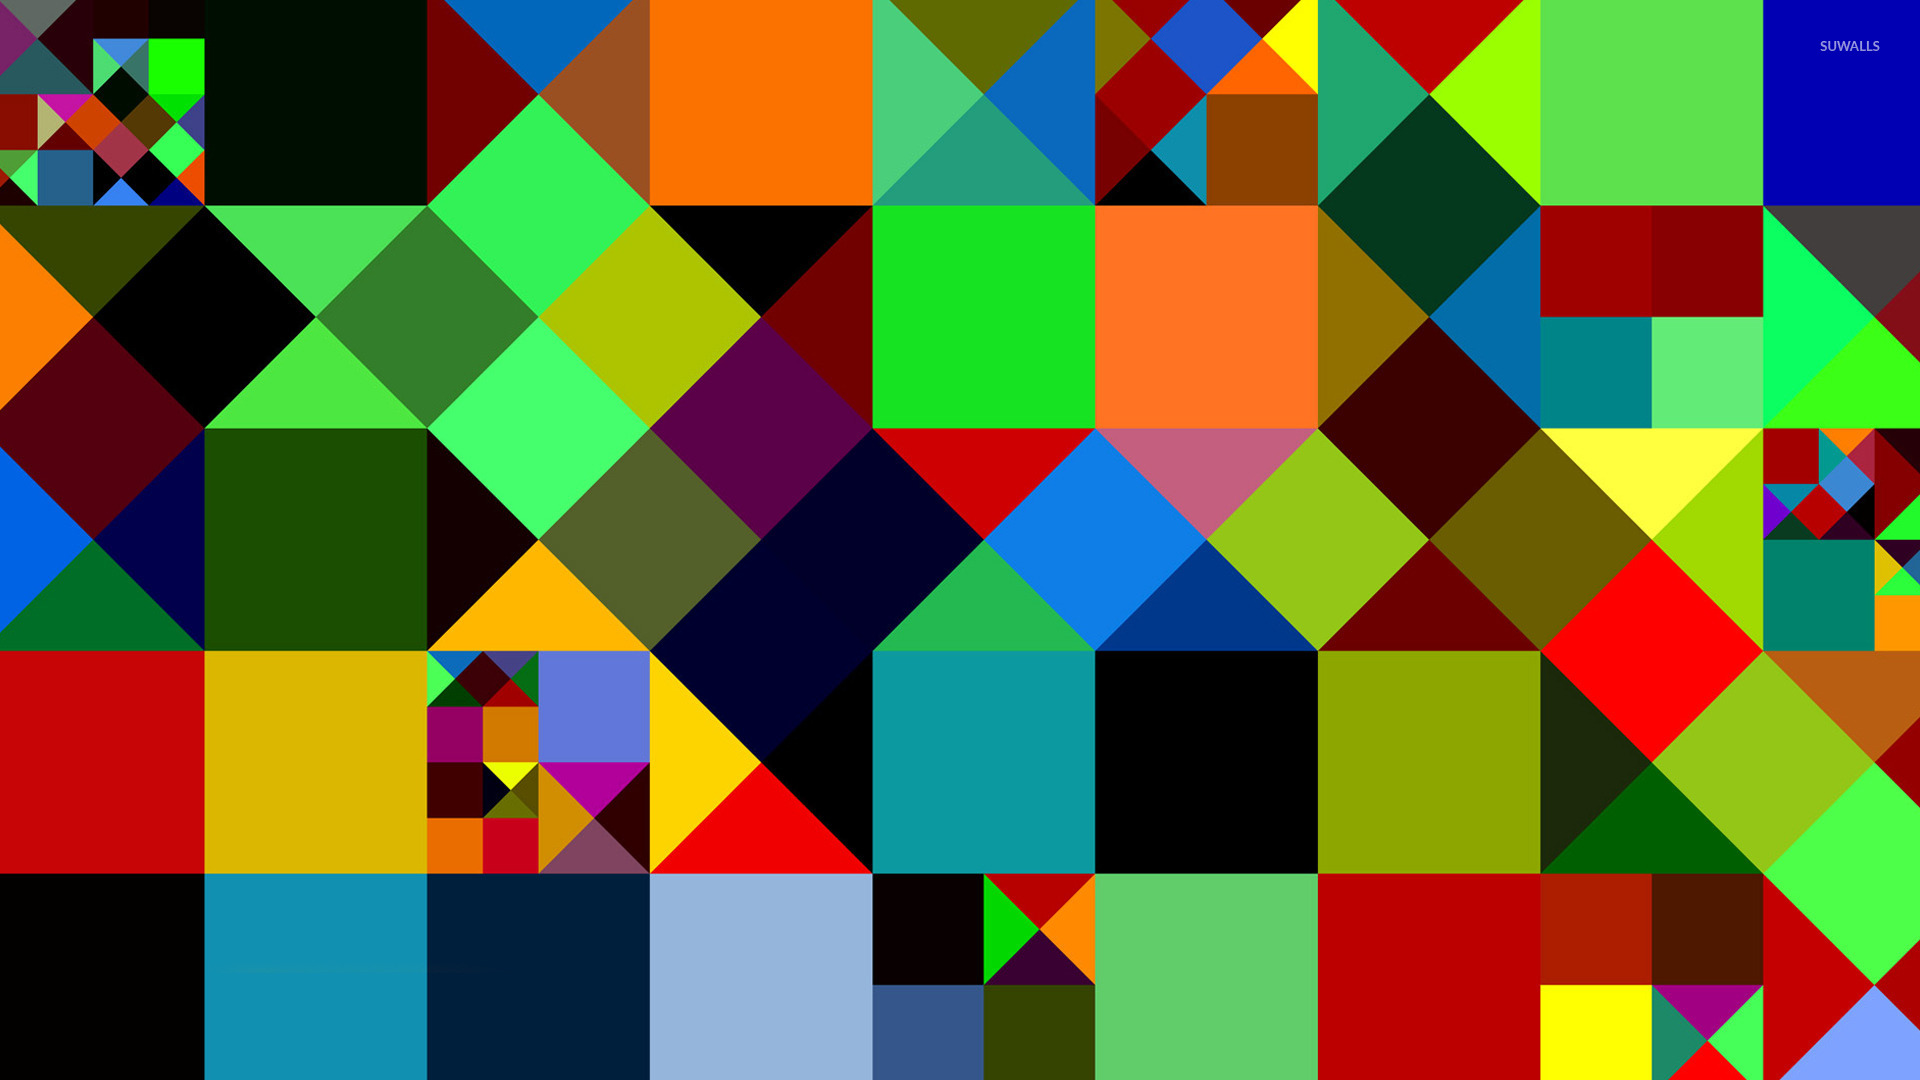 графика абстракция квадраты скачать